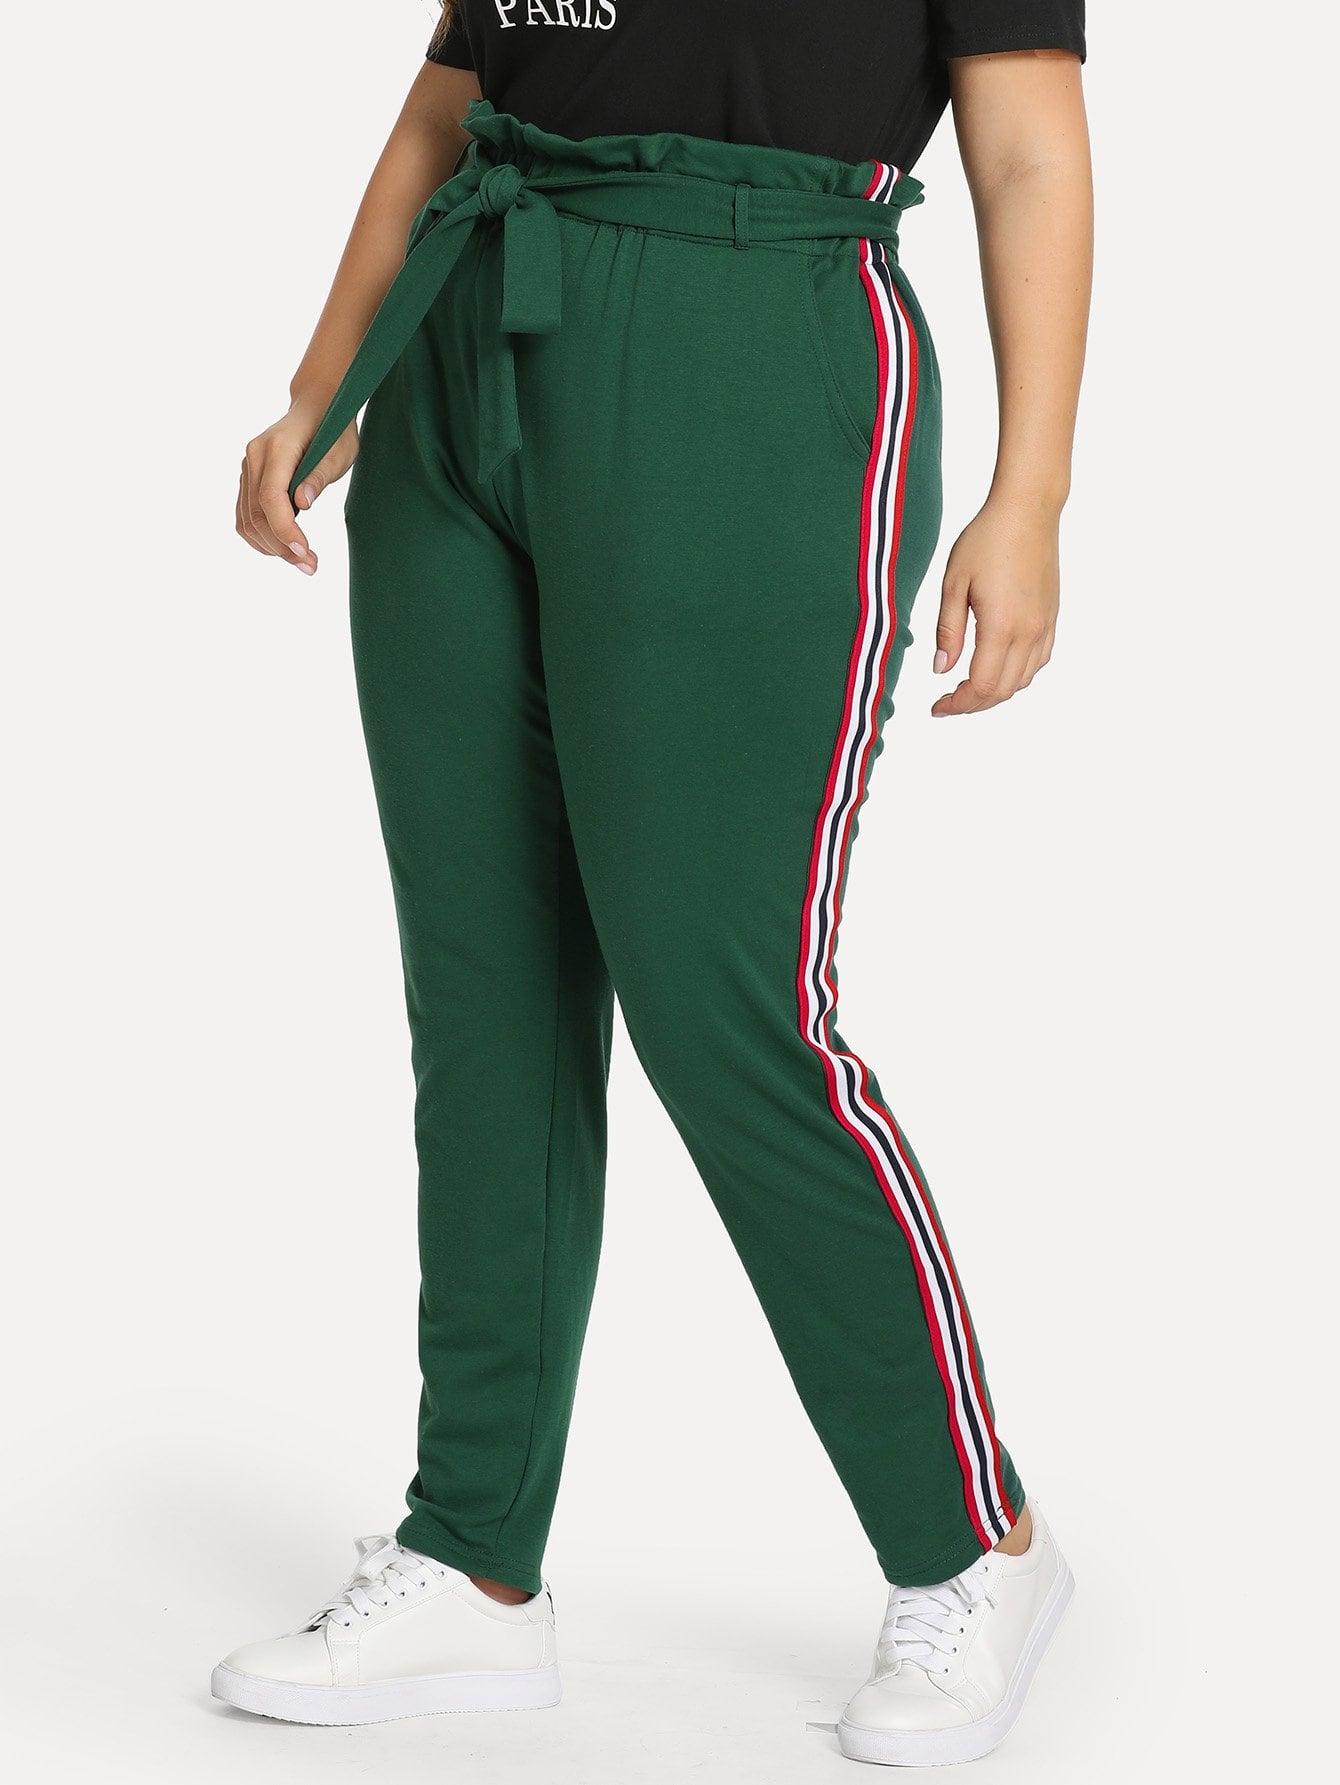 Купить Плюс размеры брюки в полоску сбоку, Franziska, SheIn